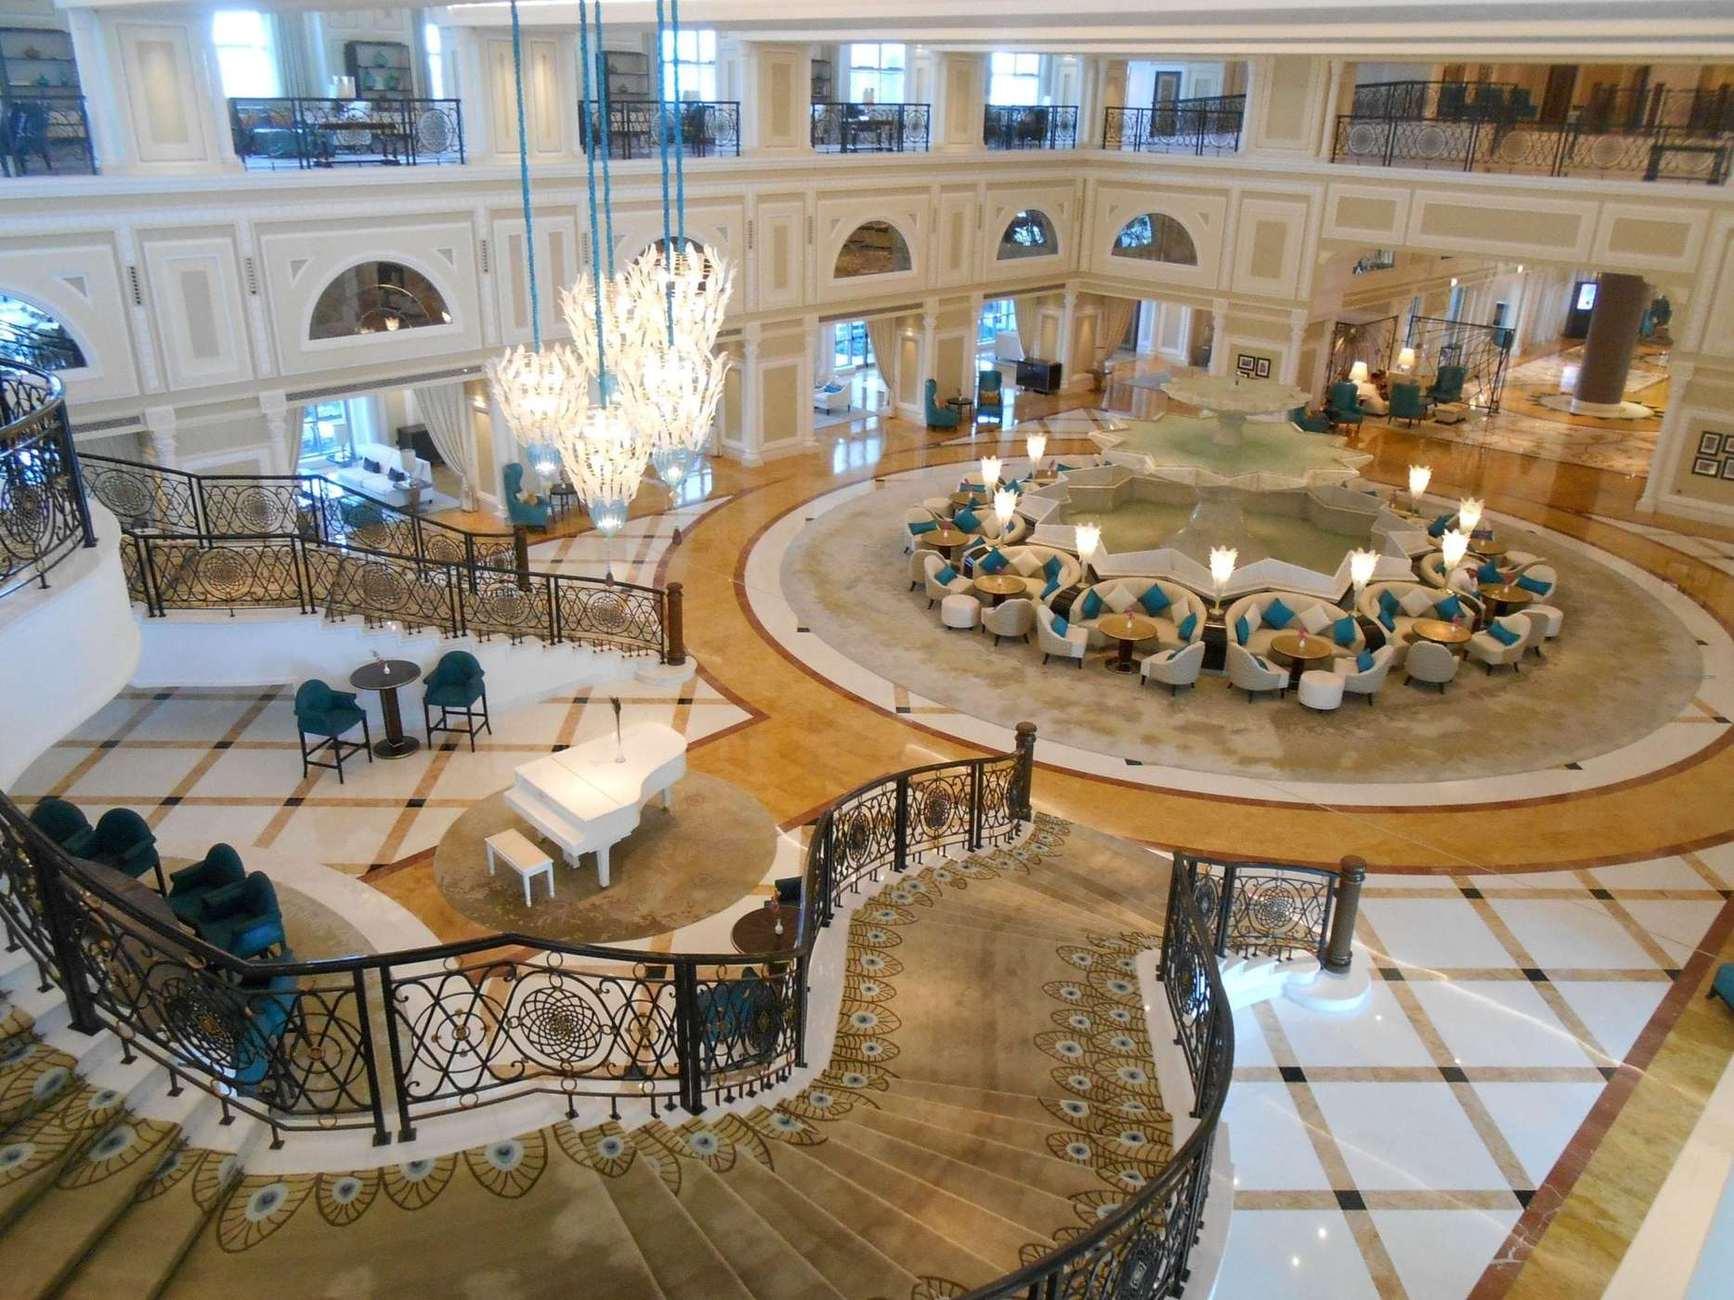 З моменту відкриття в 2013 році Waldorf Astoria Ras Al Khaimah був удостоєний більше ніж 100 нагородами. І одна із нещодавніх відзнак - Safeguard від Bureau Veritas за дотримання найвищих стандартів здоров'я та гігієни.